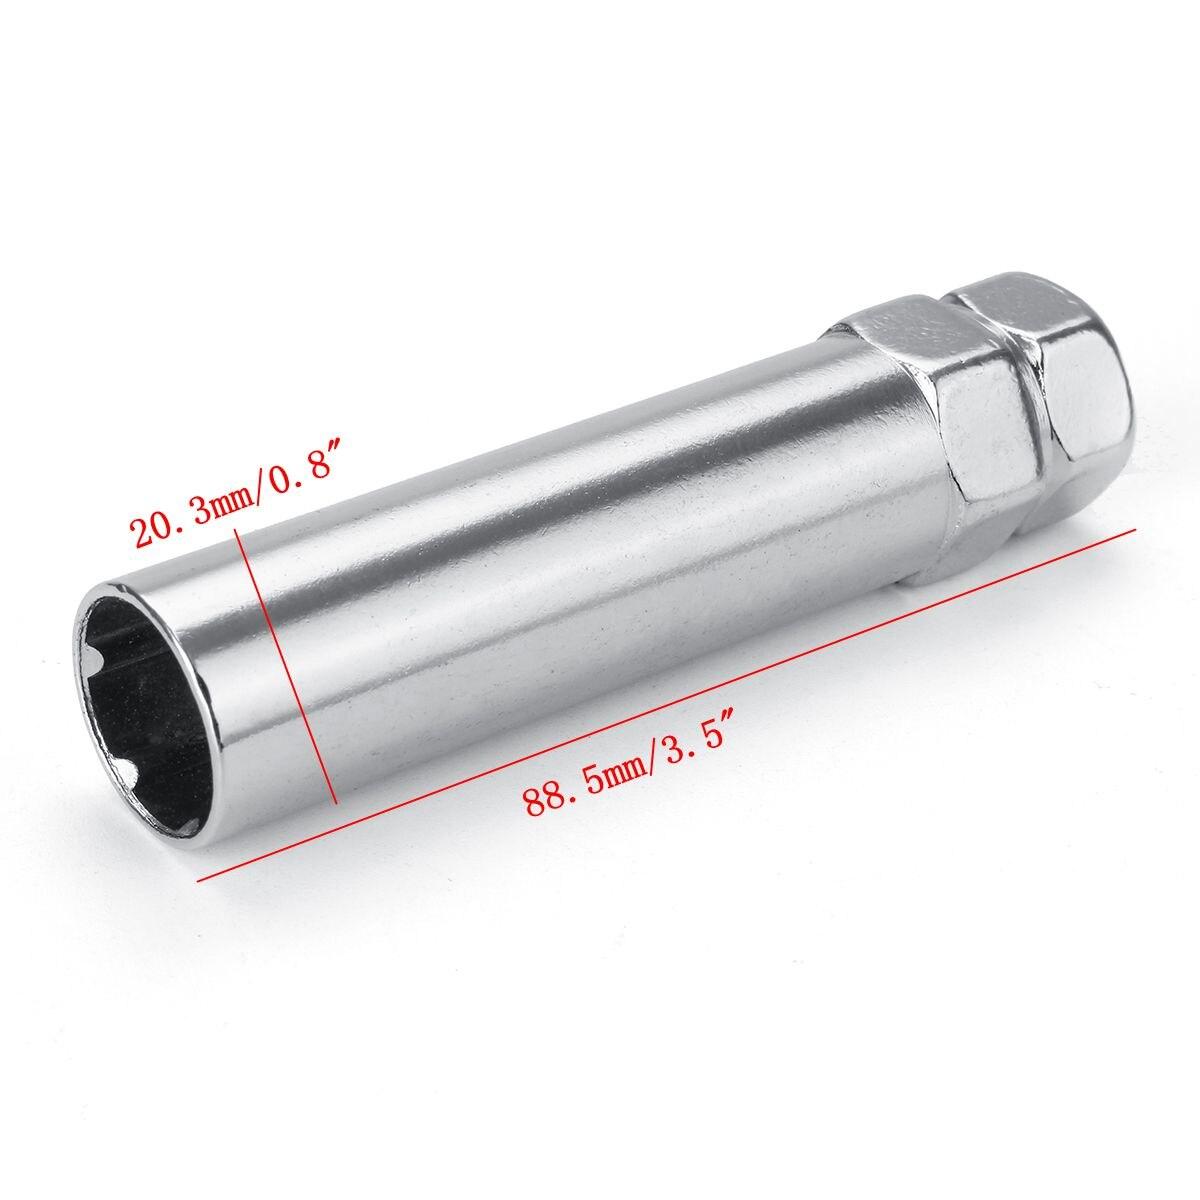 Adapter key for 6-Spline Wheel bolts//nuts 17//19mm head